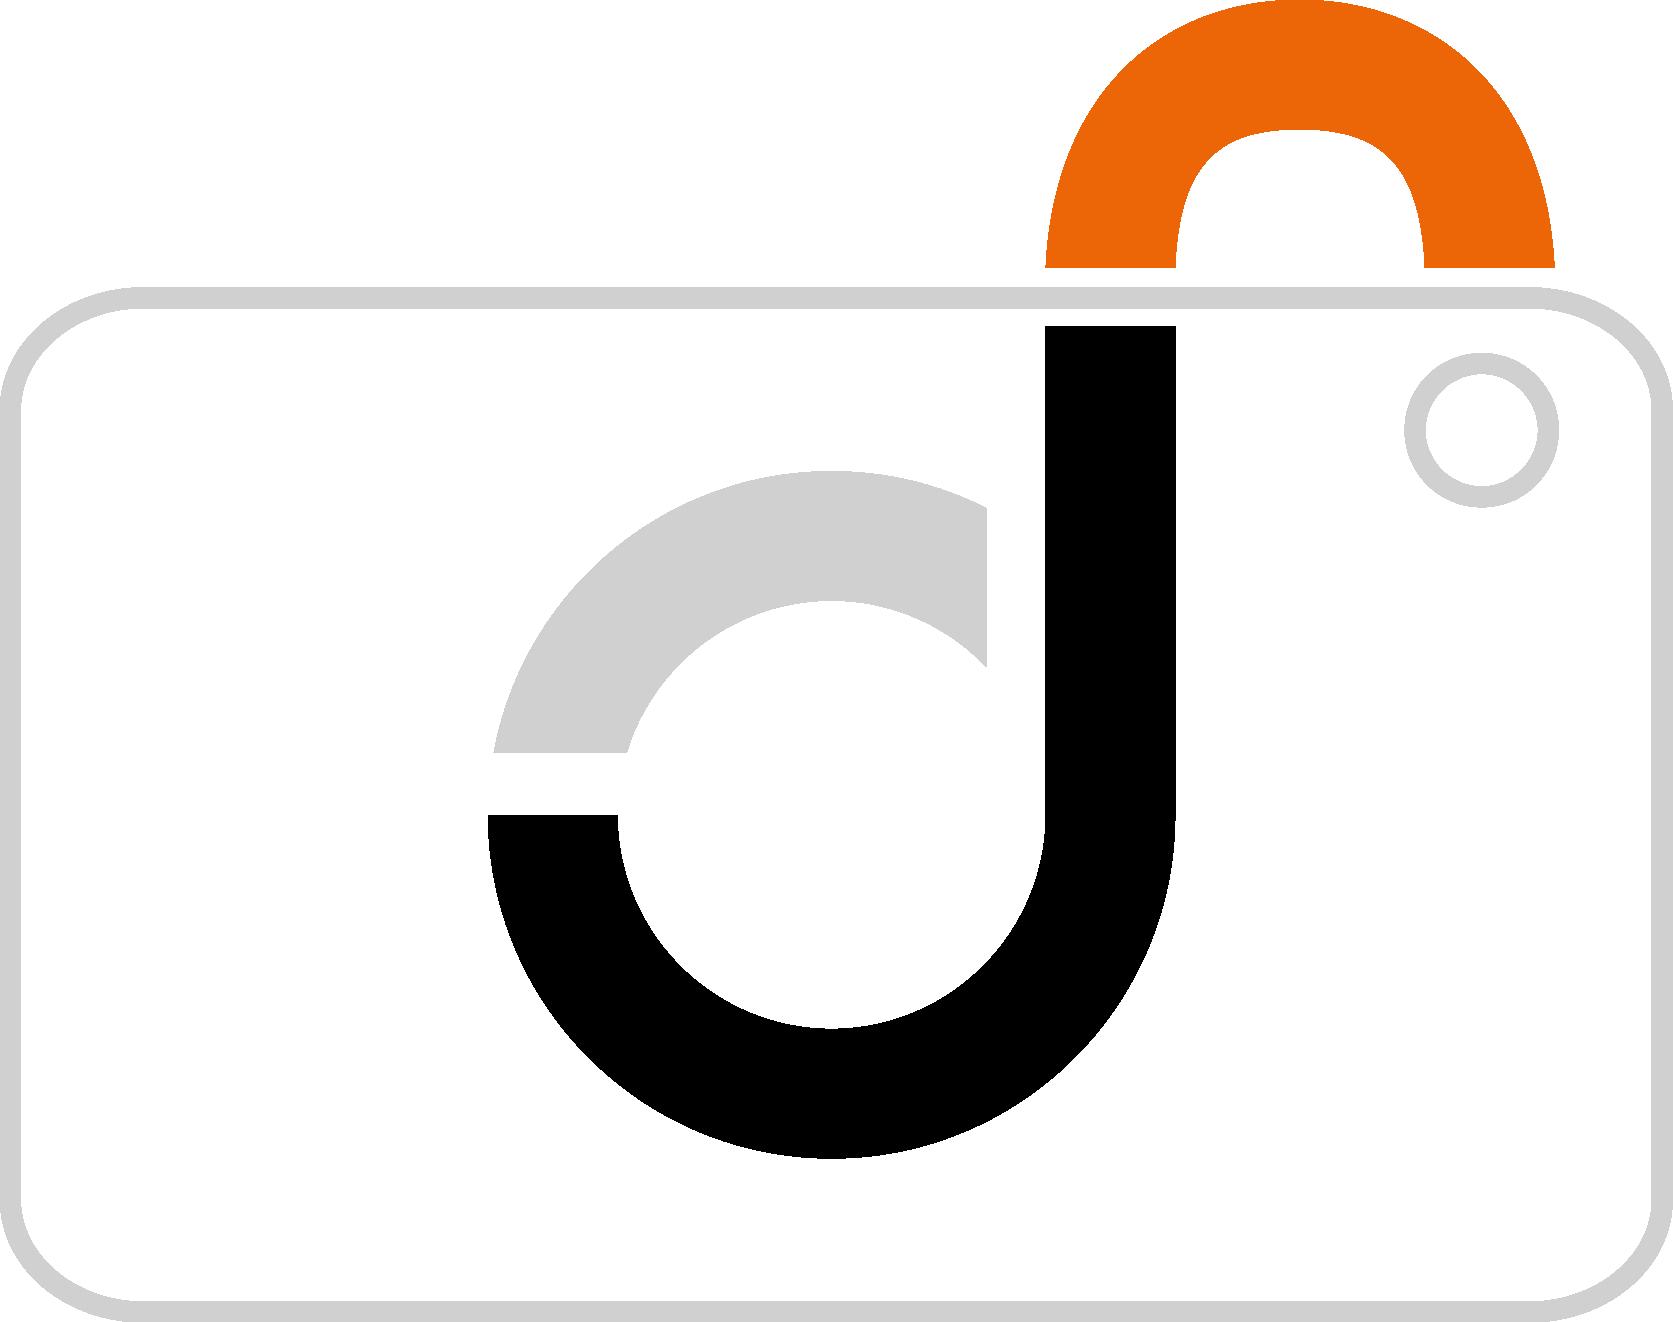 Jan S